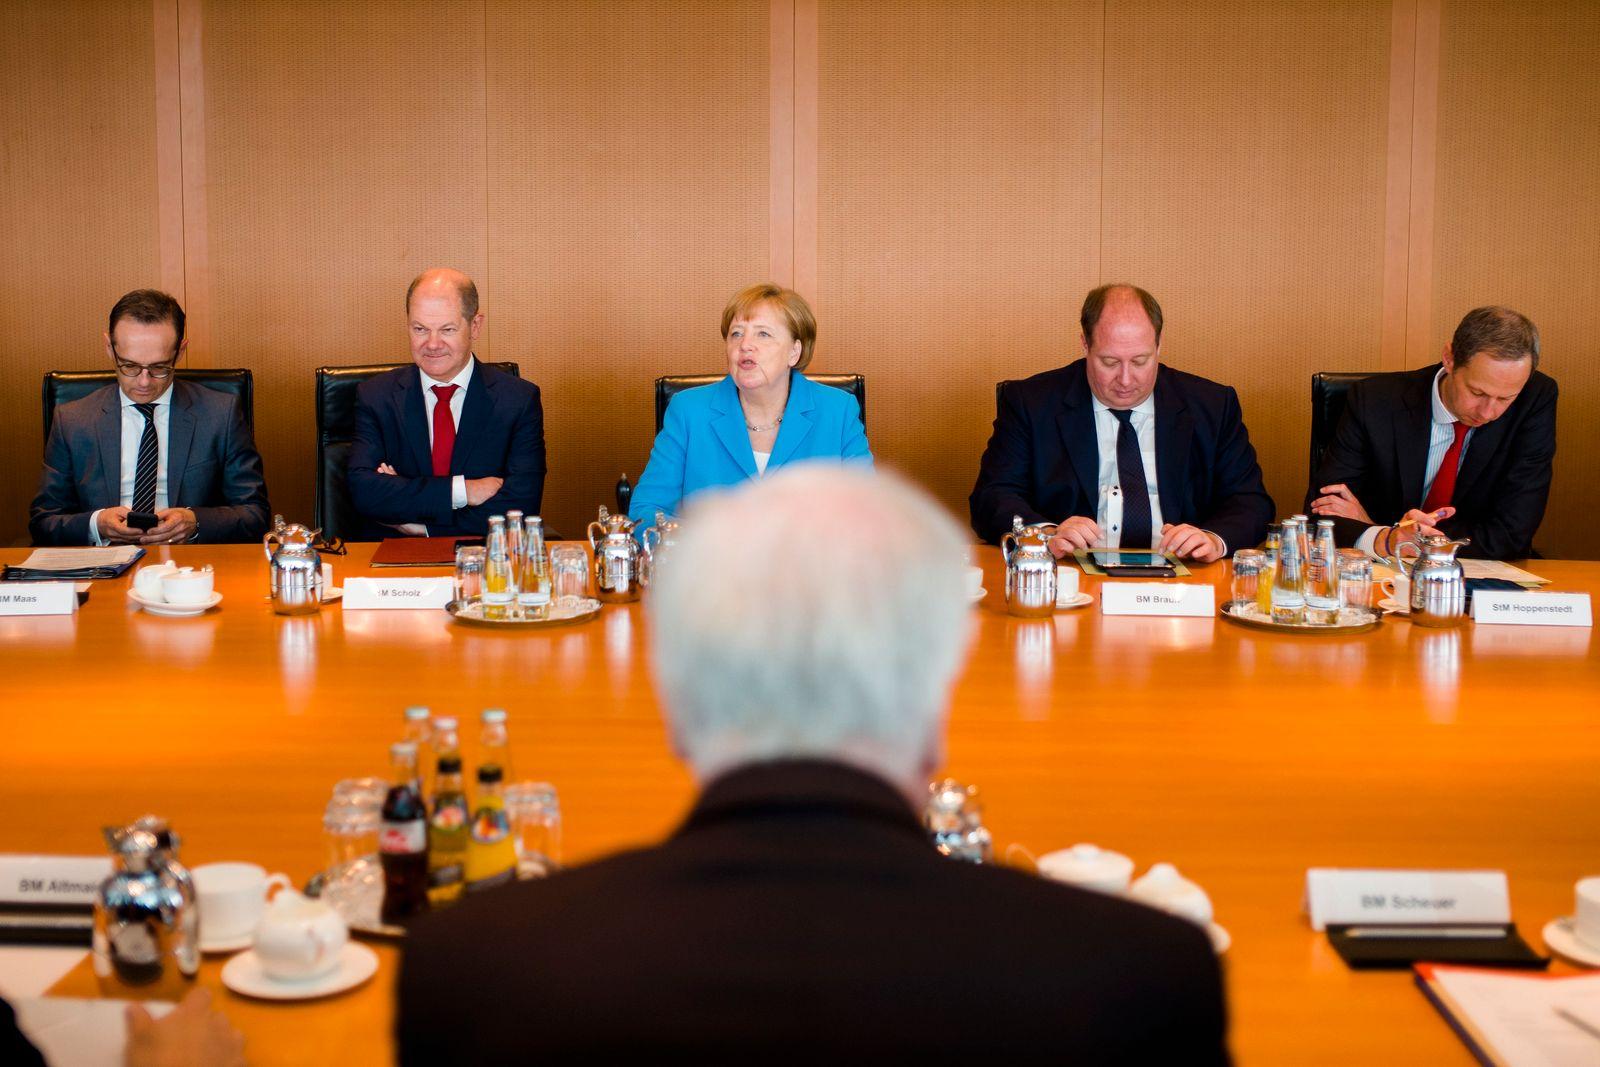 CDU/ CSU/ Seehofer/ Merkel